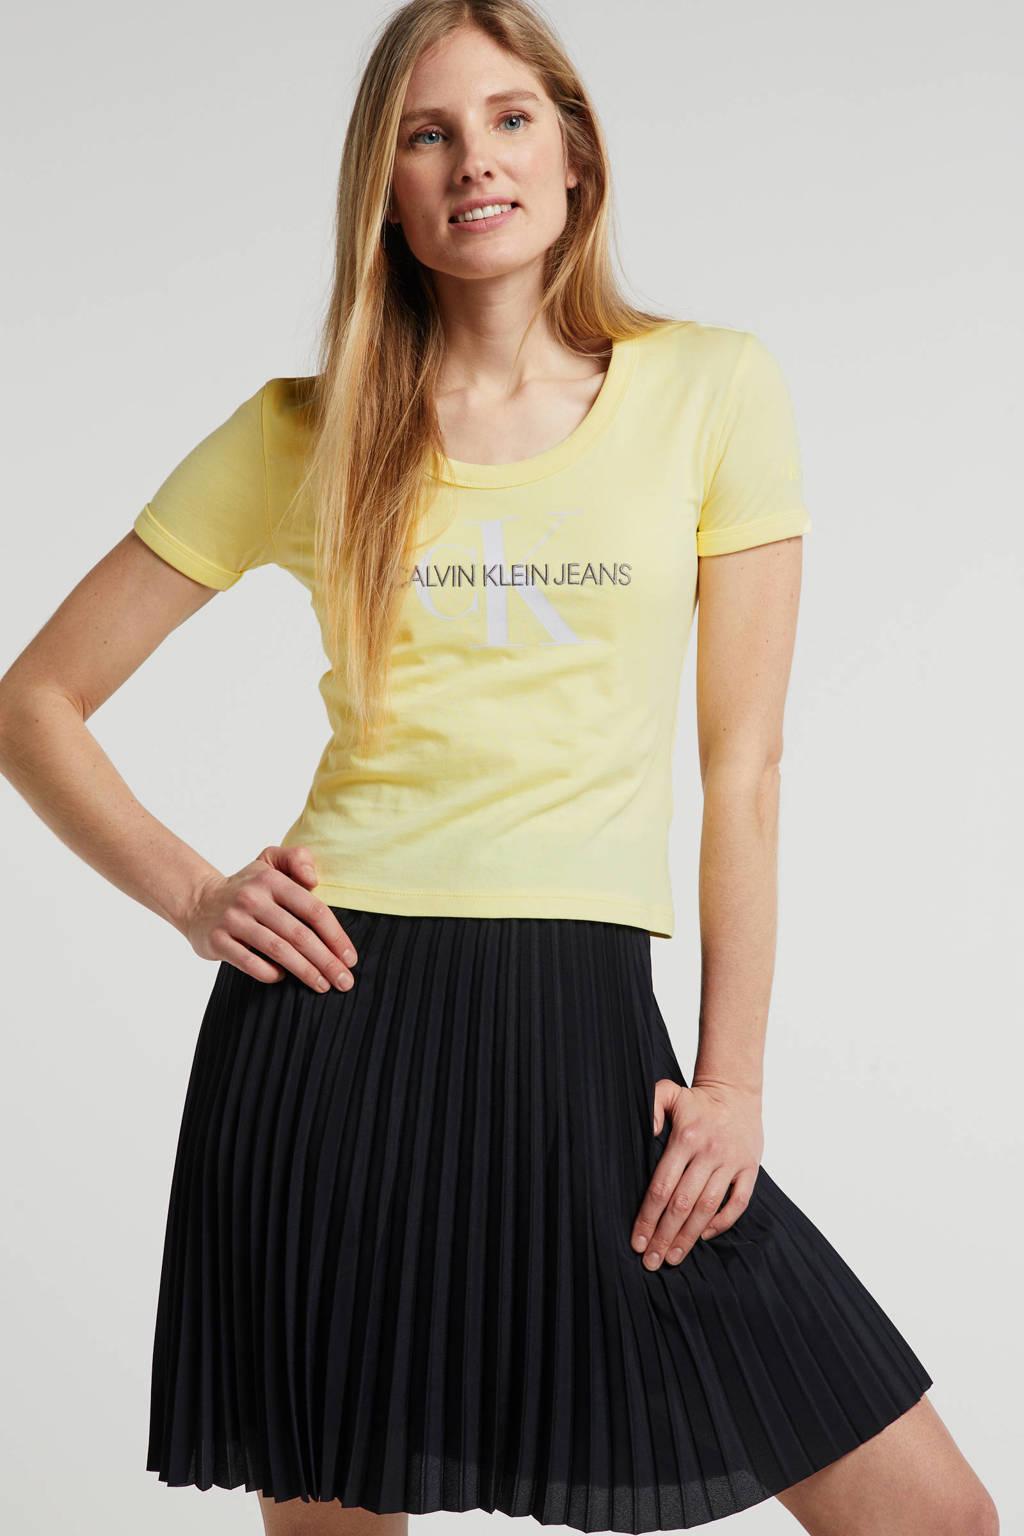 CALVIN KLEIN JEANS T-shirt met logo lichtgeel, Lichtgeel